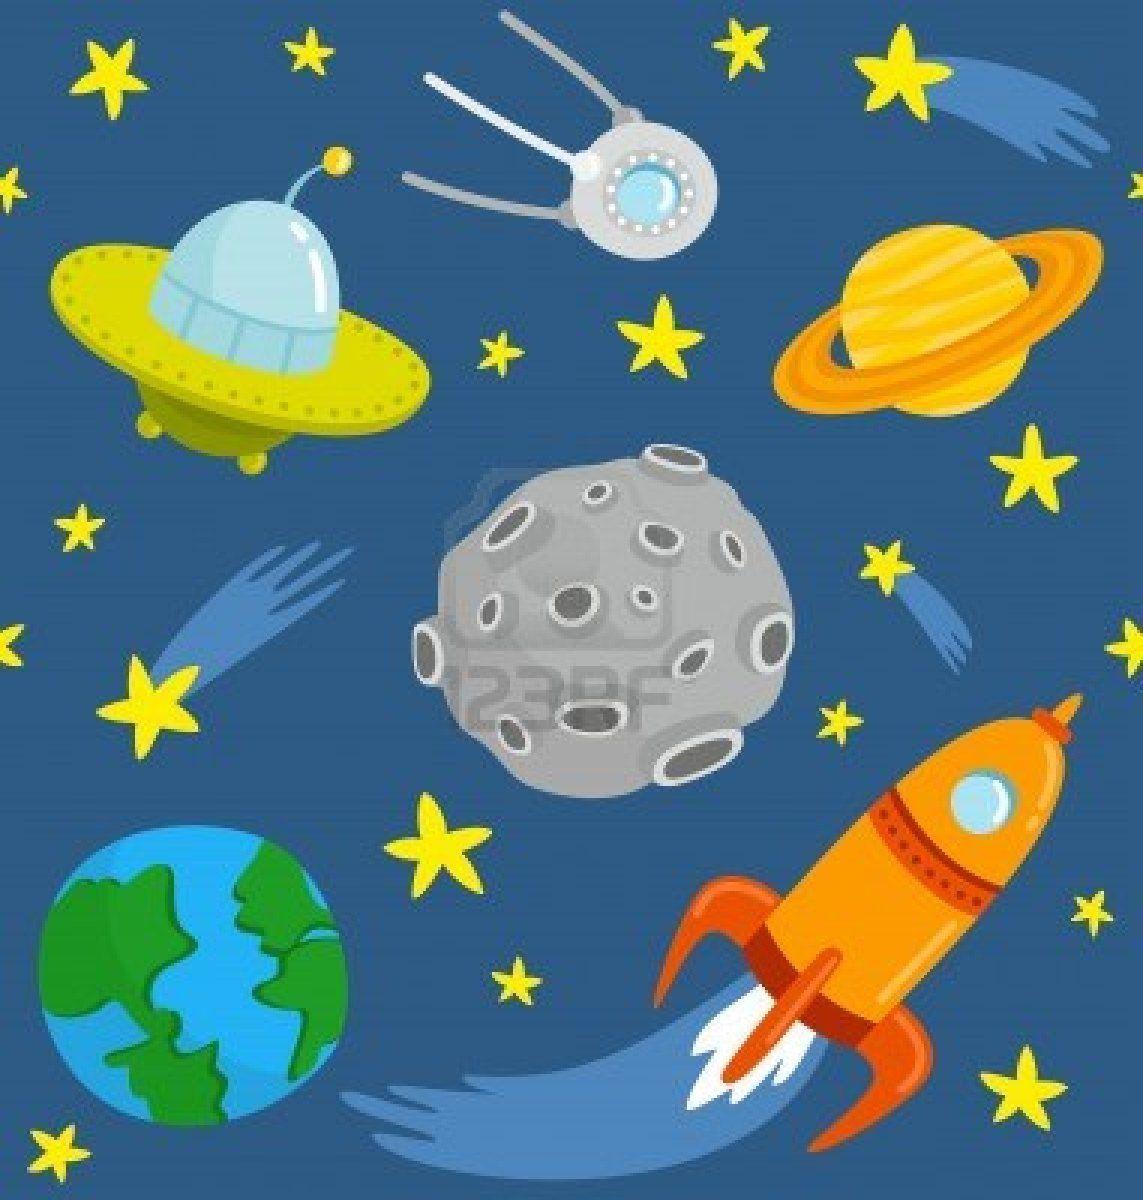 ilustracion extraterrestre - Buscar con Google